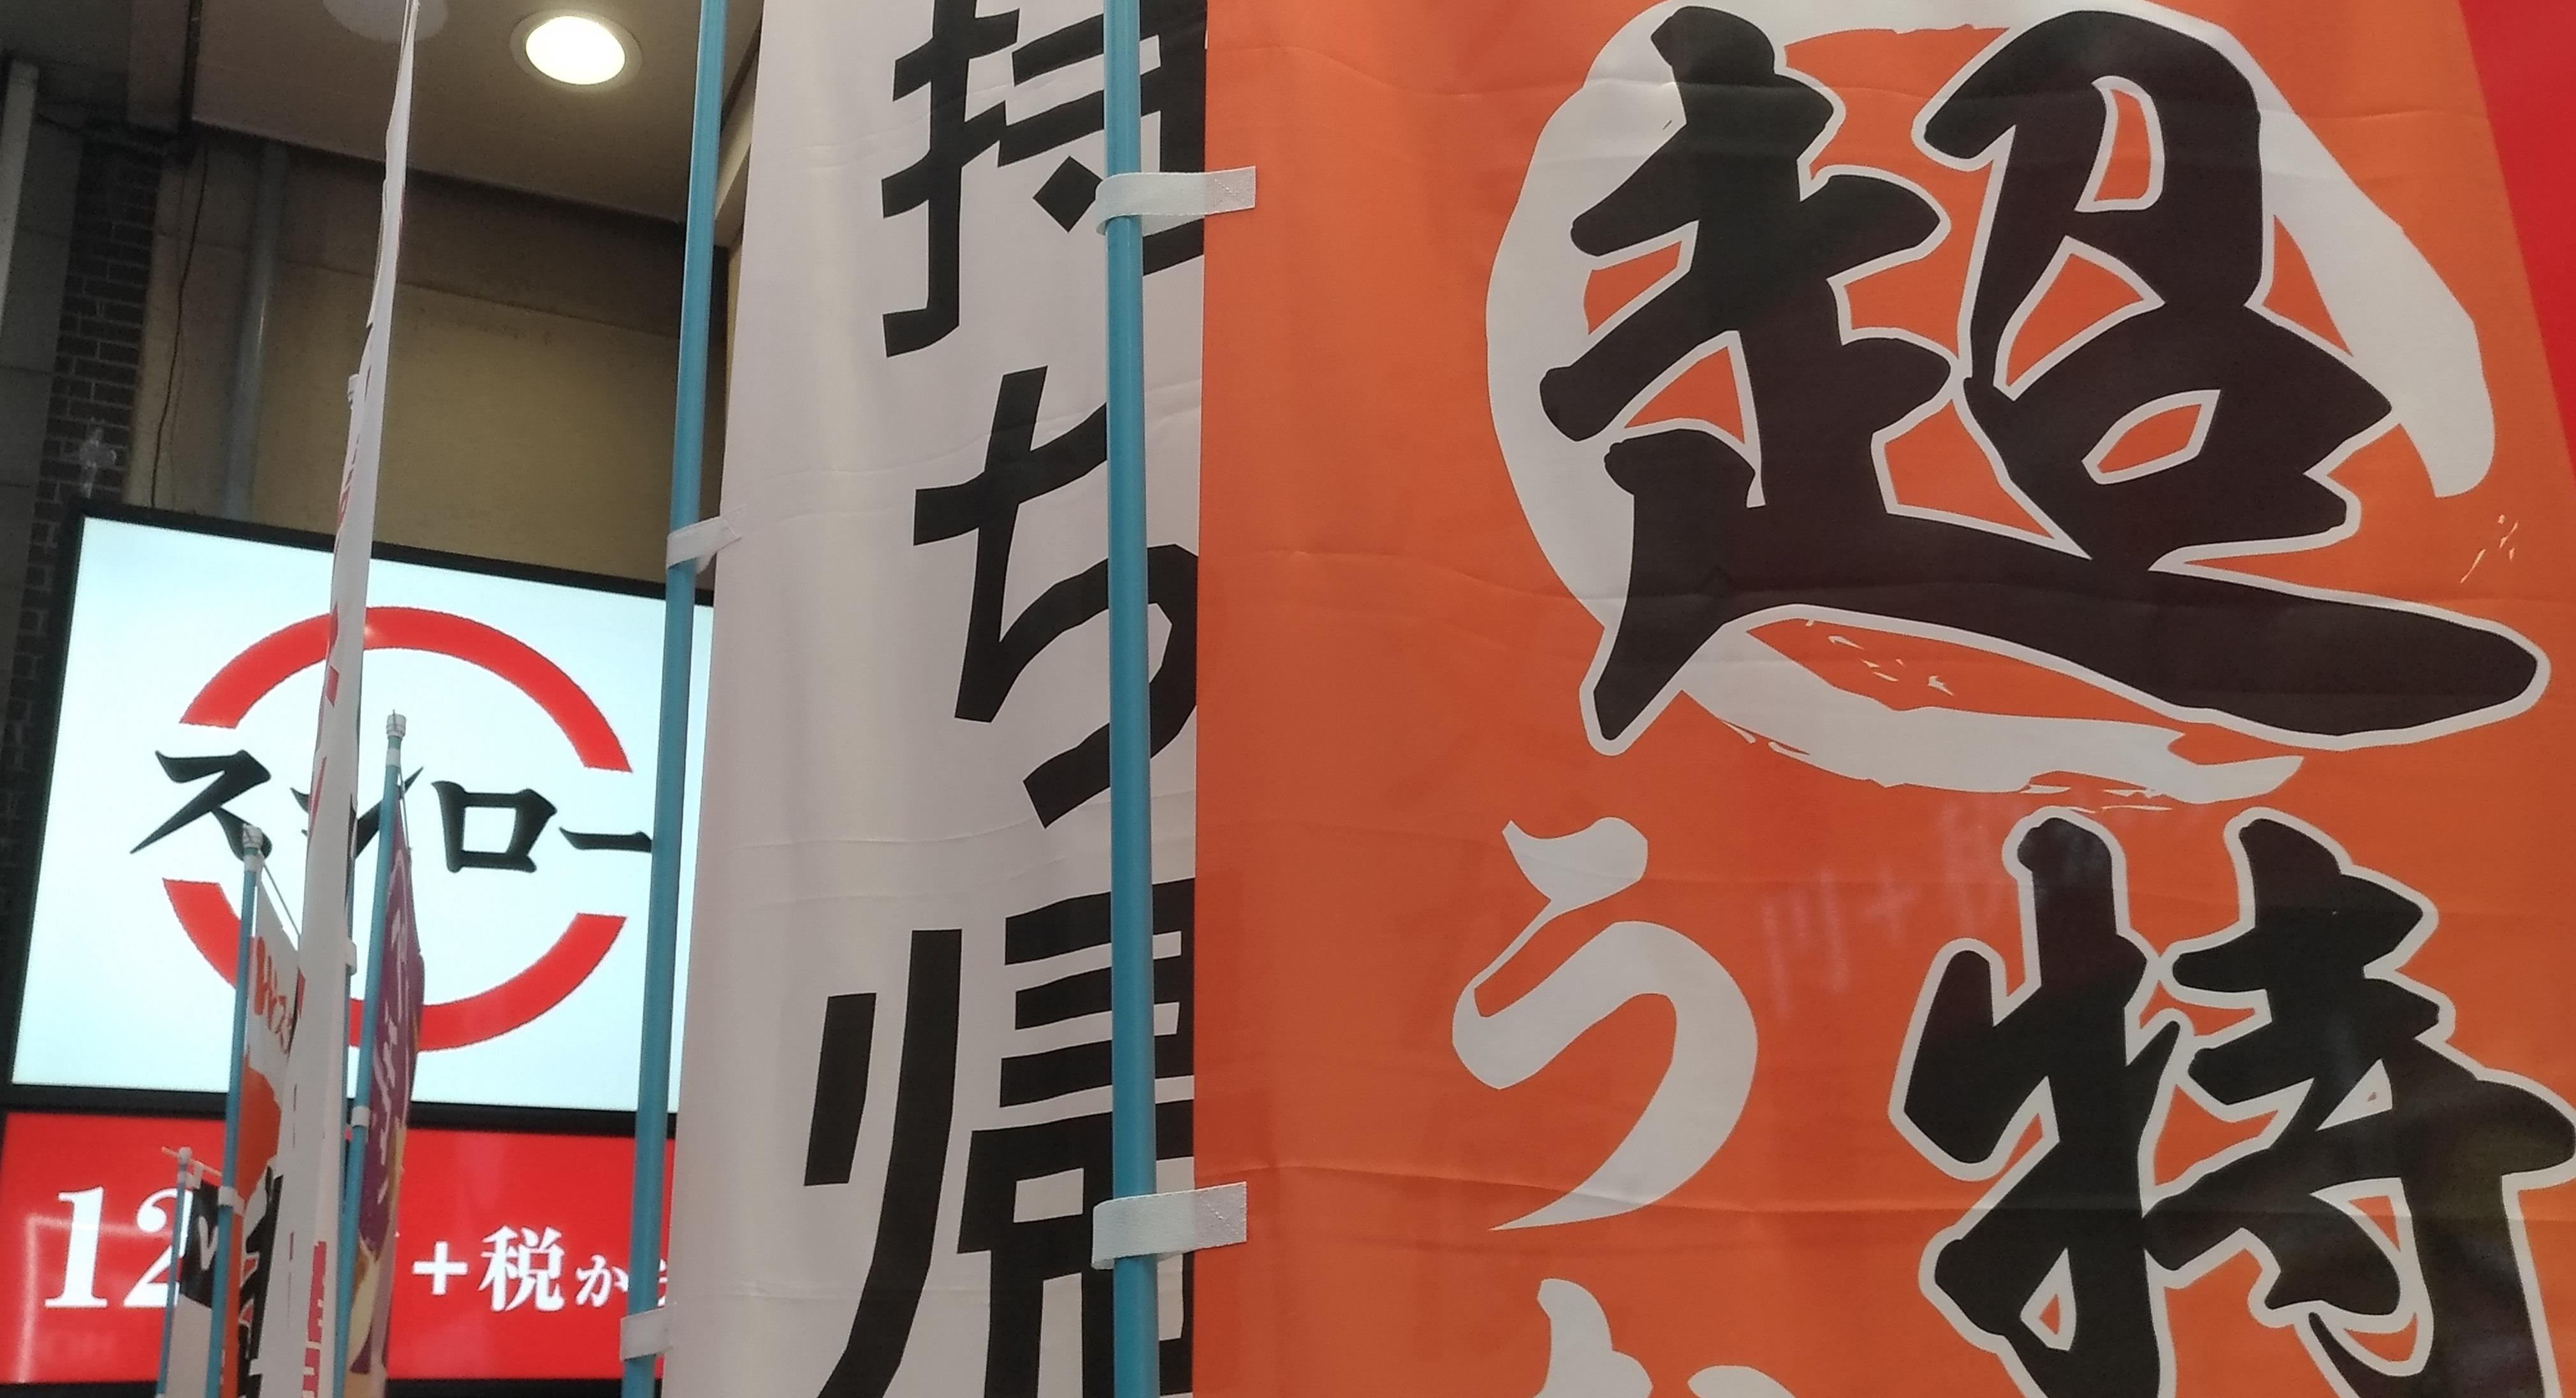 osaka_sushiro_tenma0723_.jpg